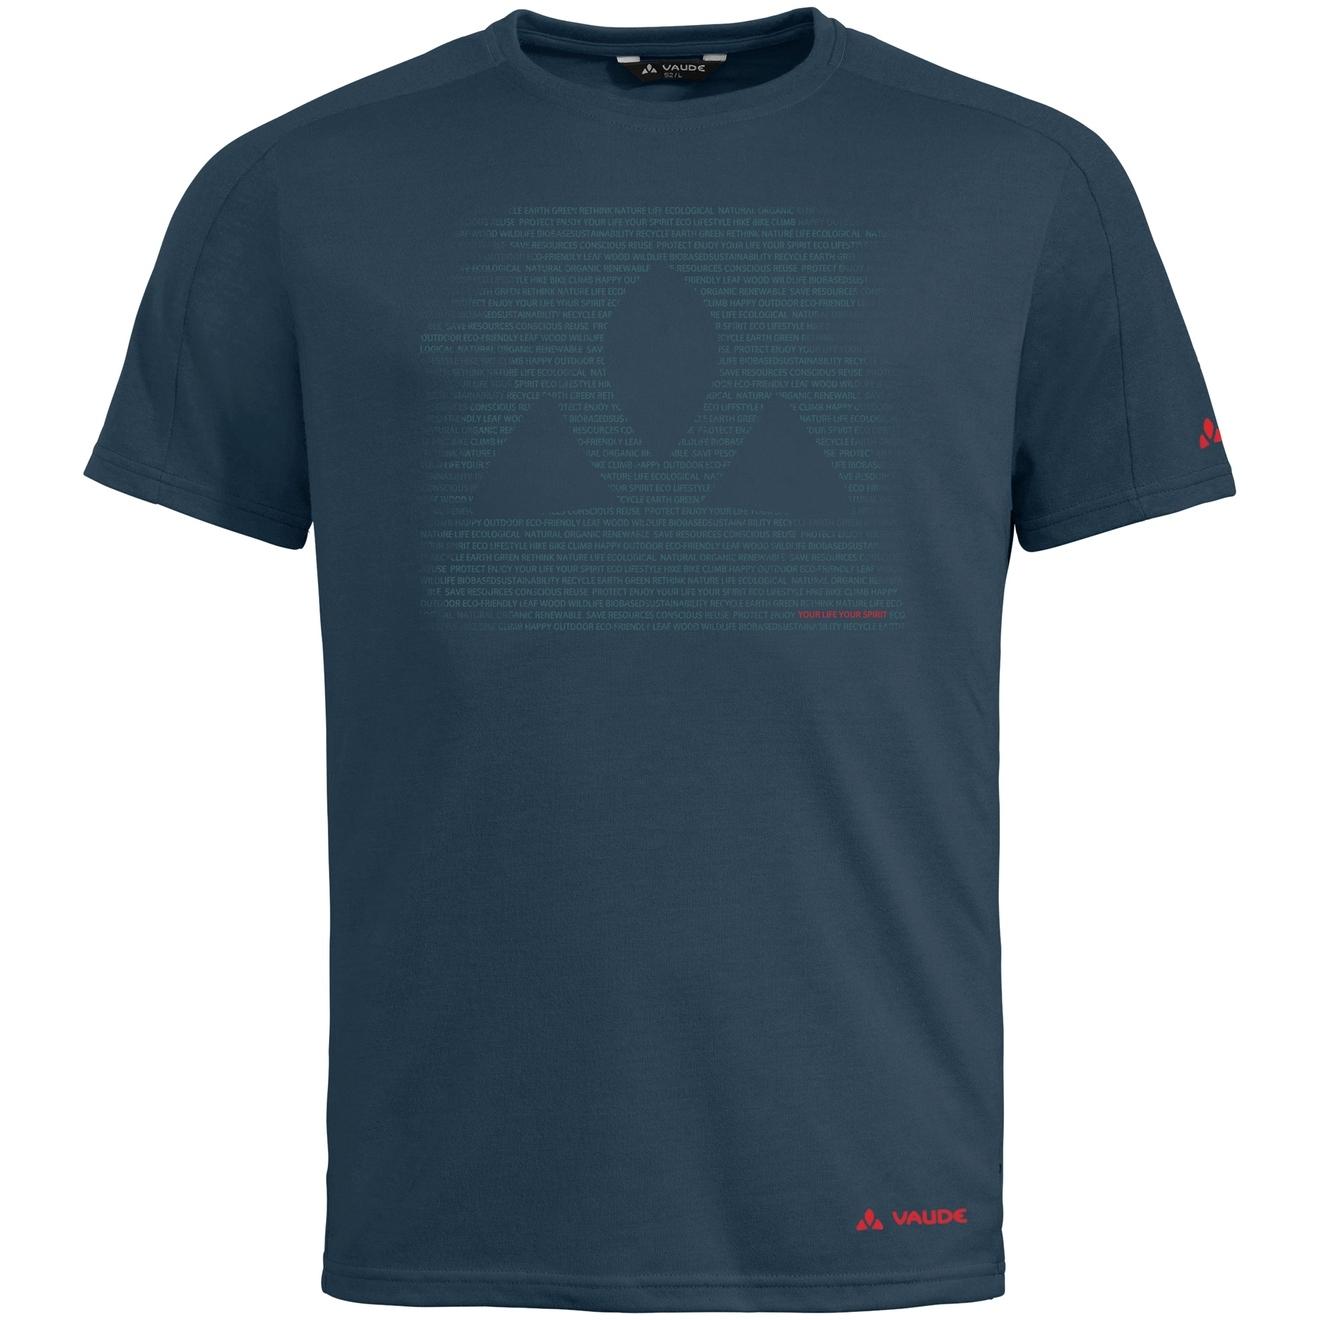 Vaude Gleann T-Shirt - steelblue